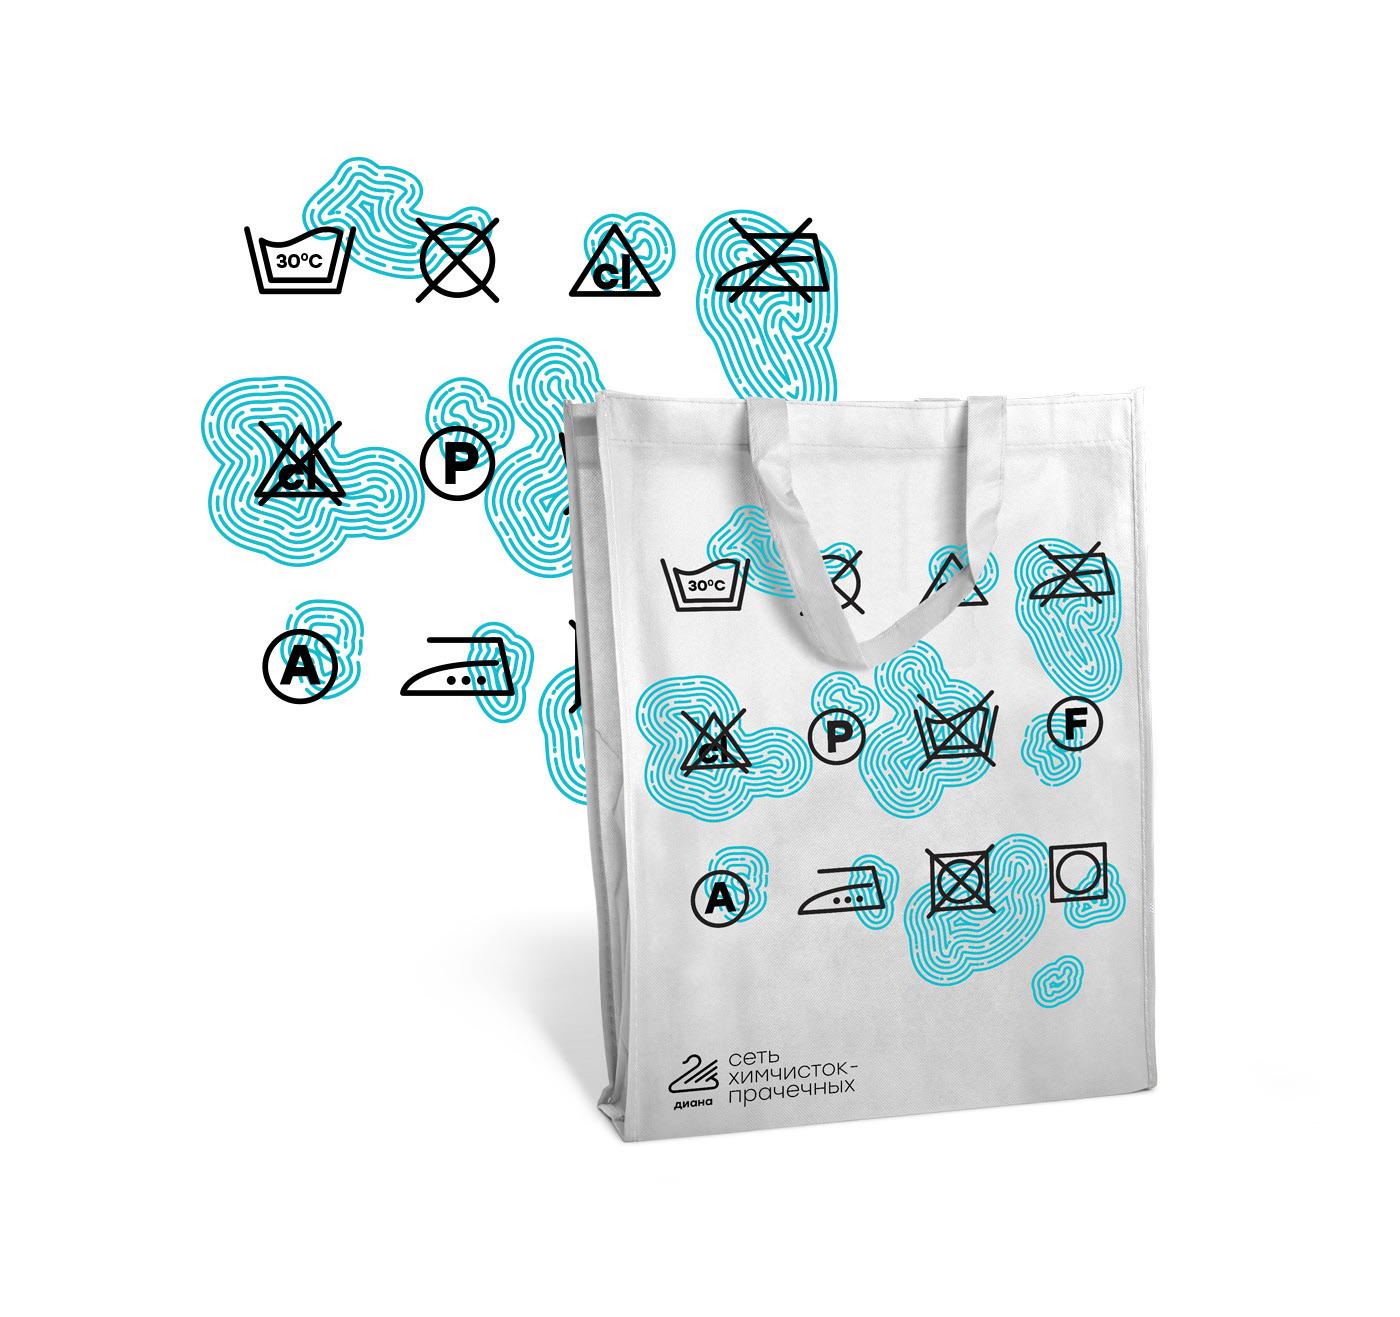 干洗店Diana品牌视觉形象<a href=http://www.ccdol.com/ target=_blank class=infotextkey>设计</a>